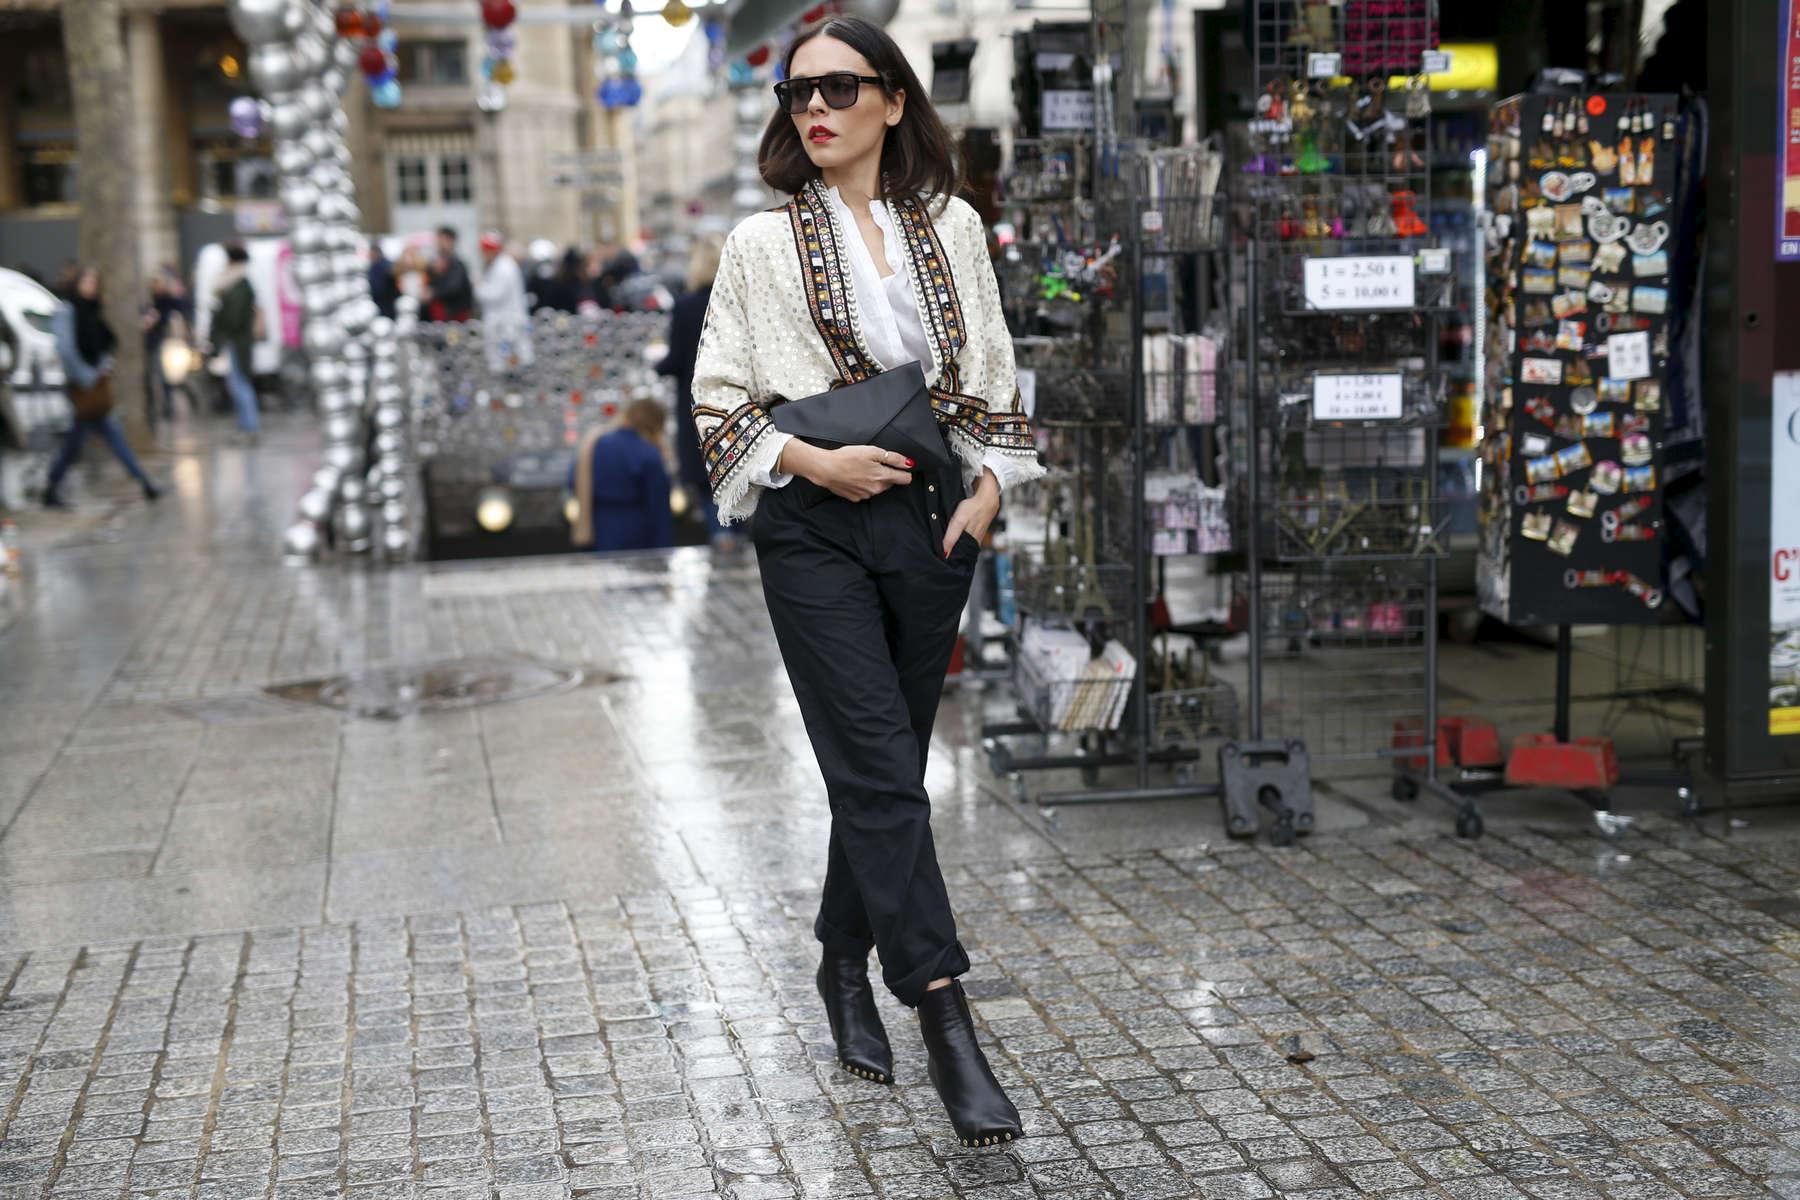 Evangelie Smyrniotaki - Paris Fashion Week, March 2016